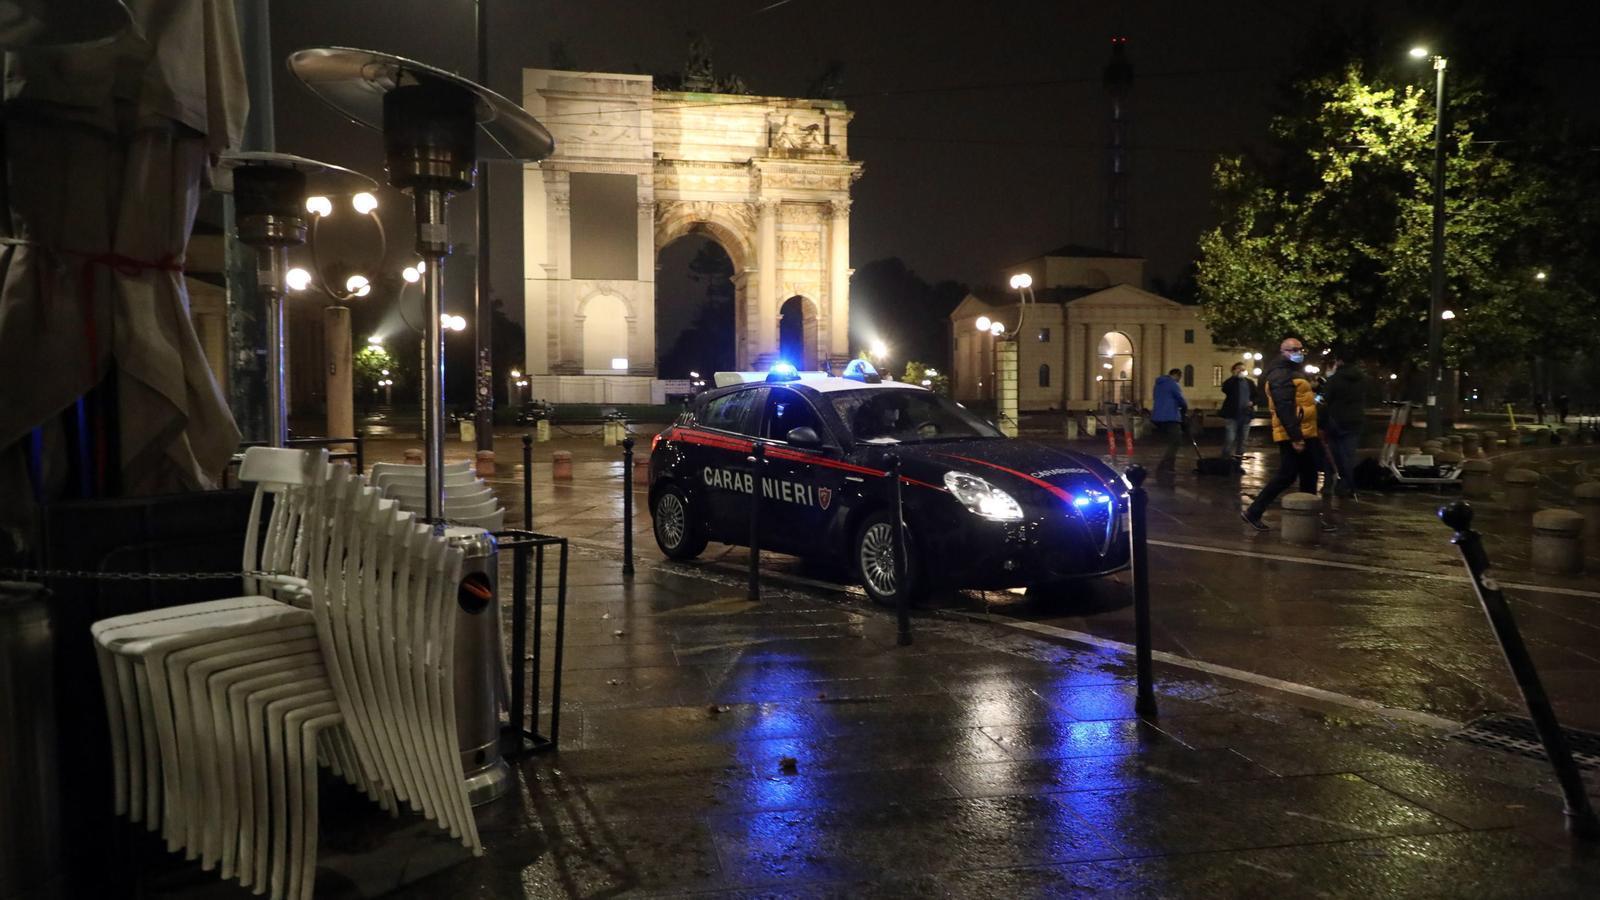 Els carabinieri controlen la zona de bars i restaurants al voltant de l'Arco della Pace la primera nit de toc de queda a Milà